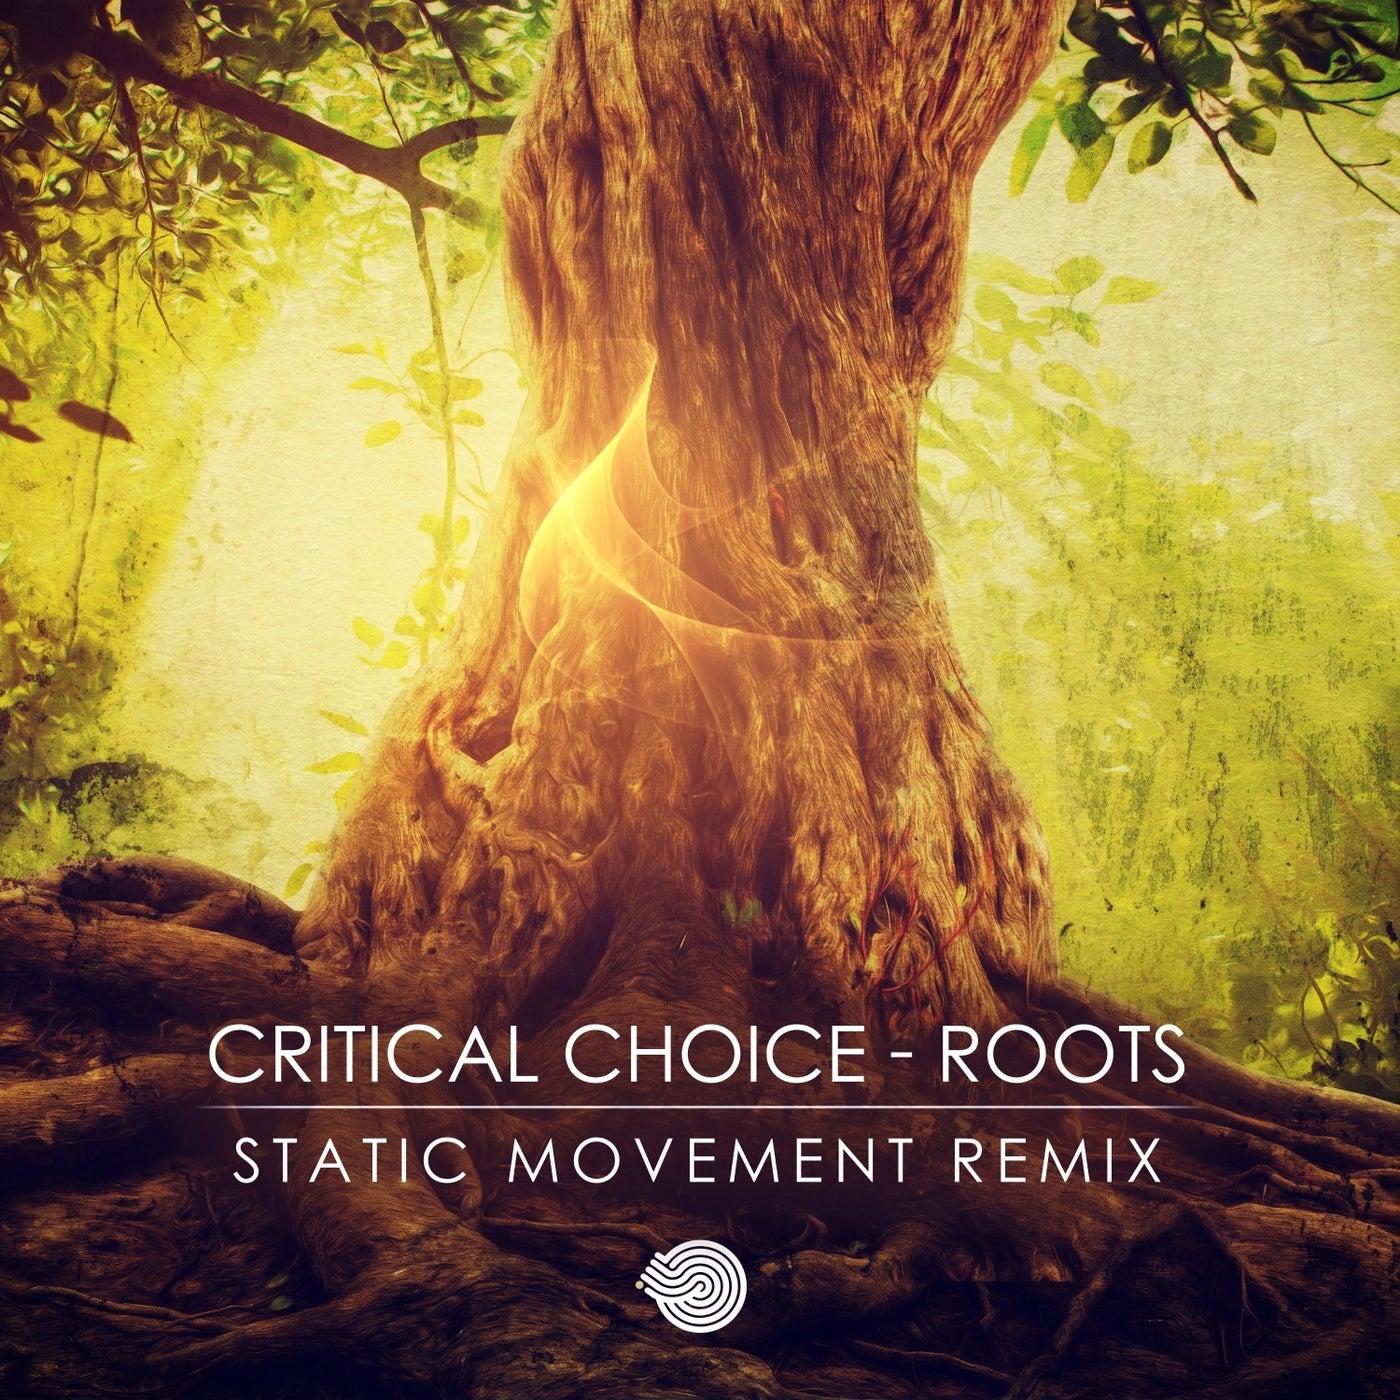 Roots (Static Movement Remix)